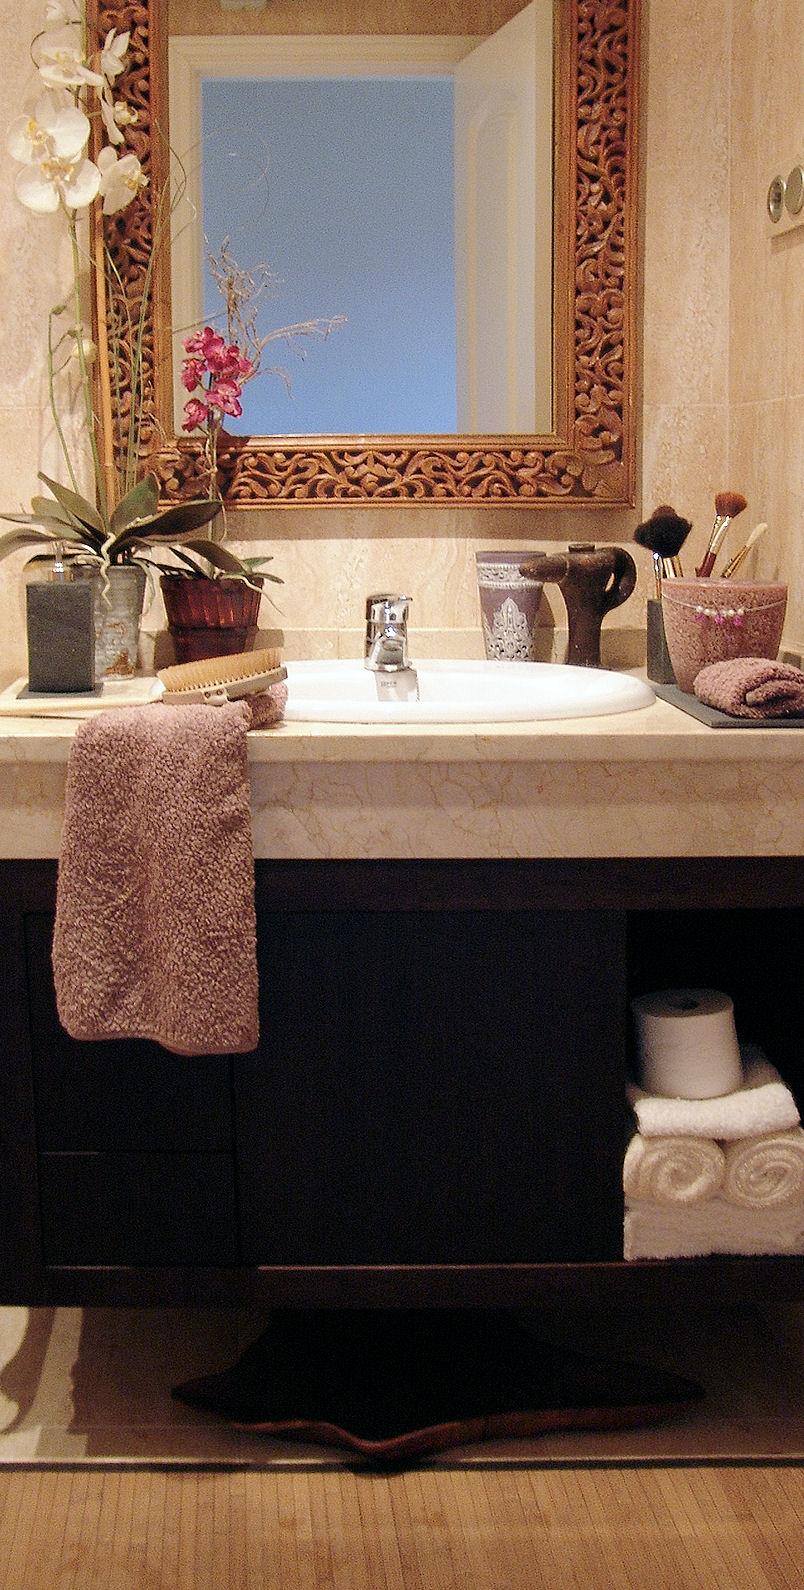 Baños Dormitorio Principal:Rincones con Encanto: FOTOS: Dormitorio y baño principal